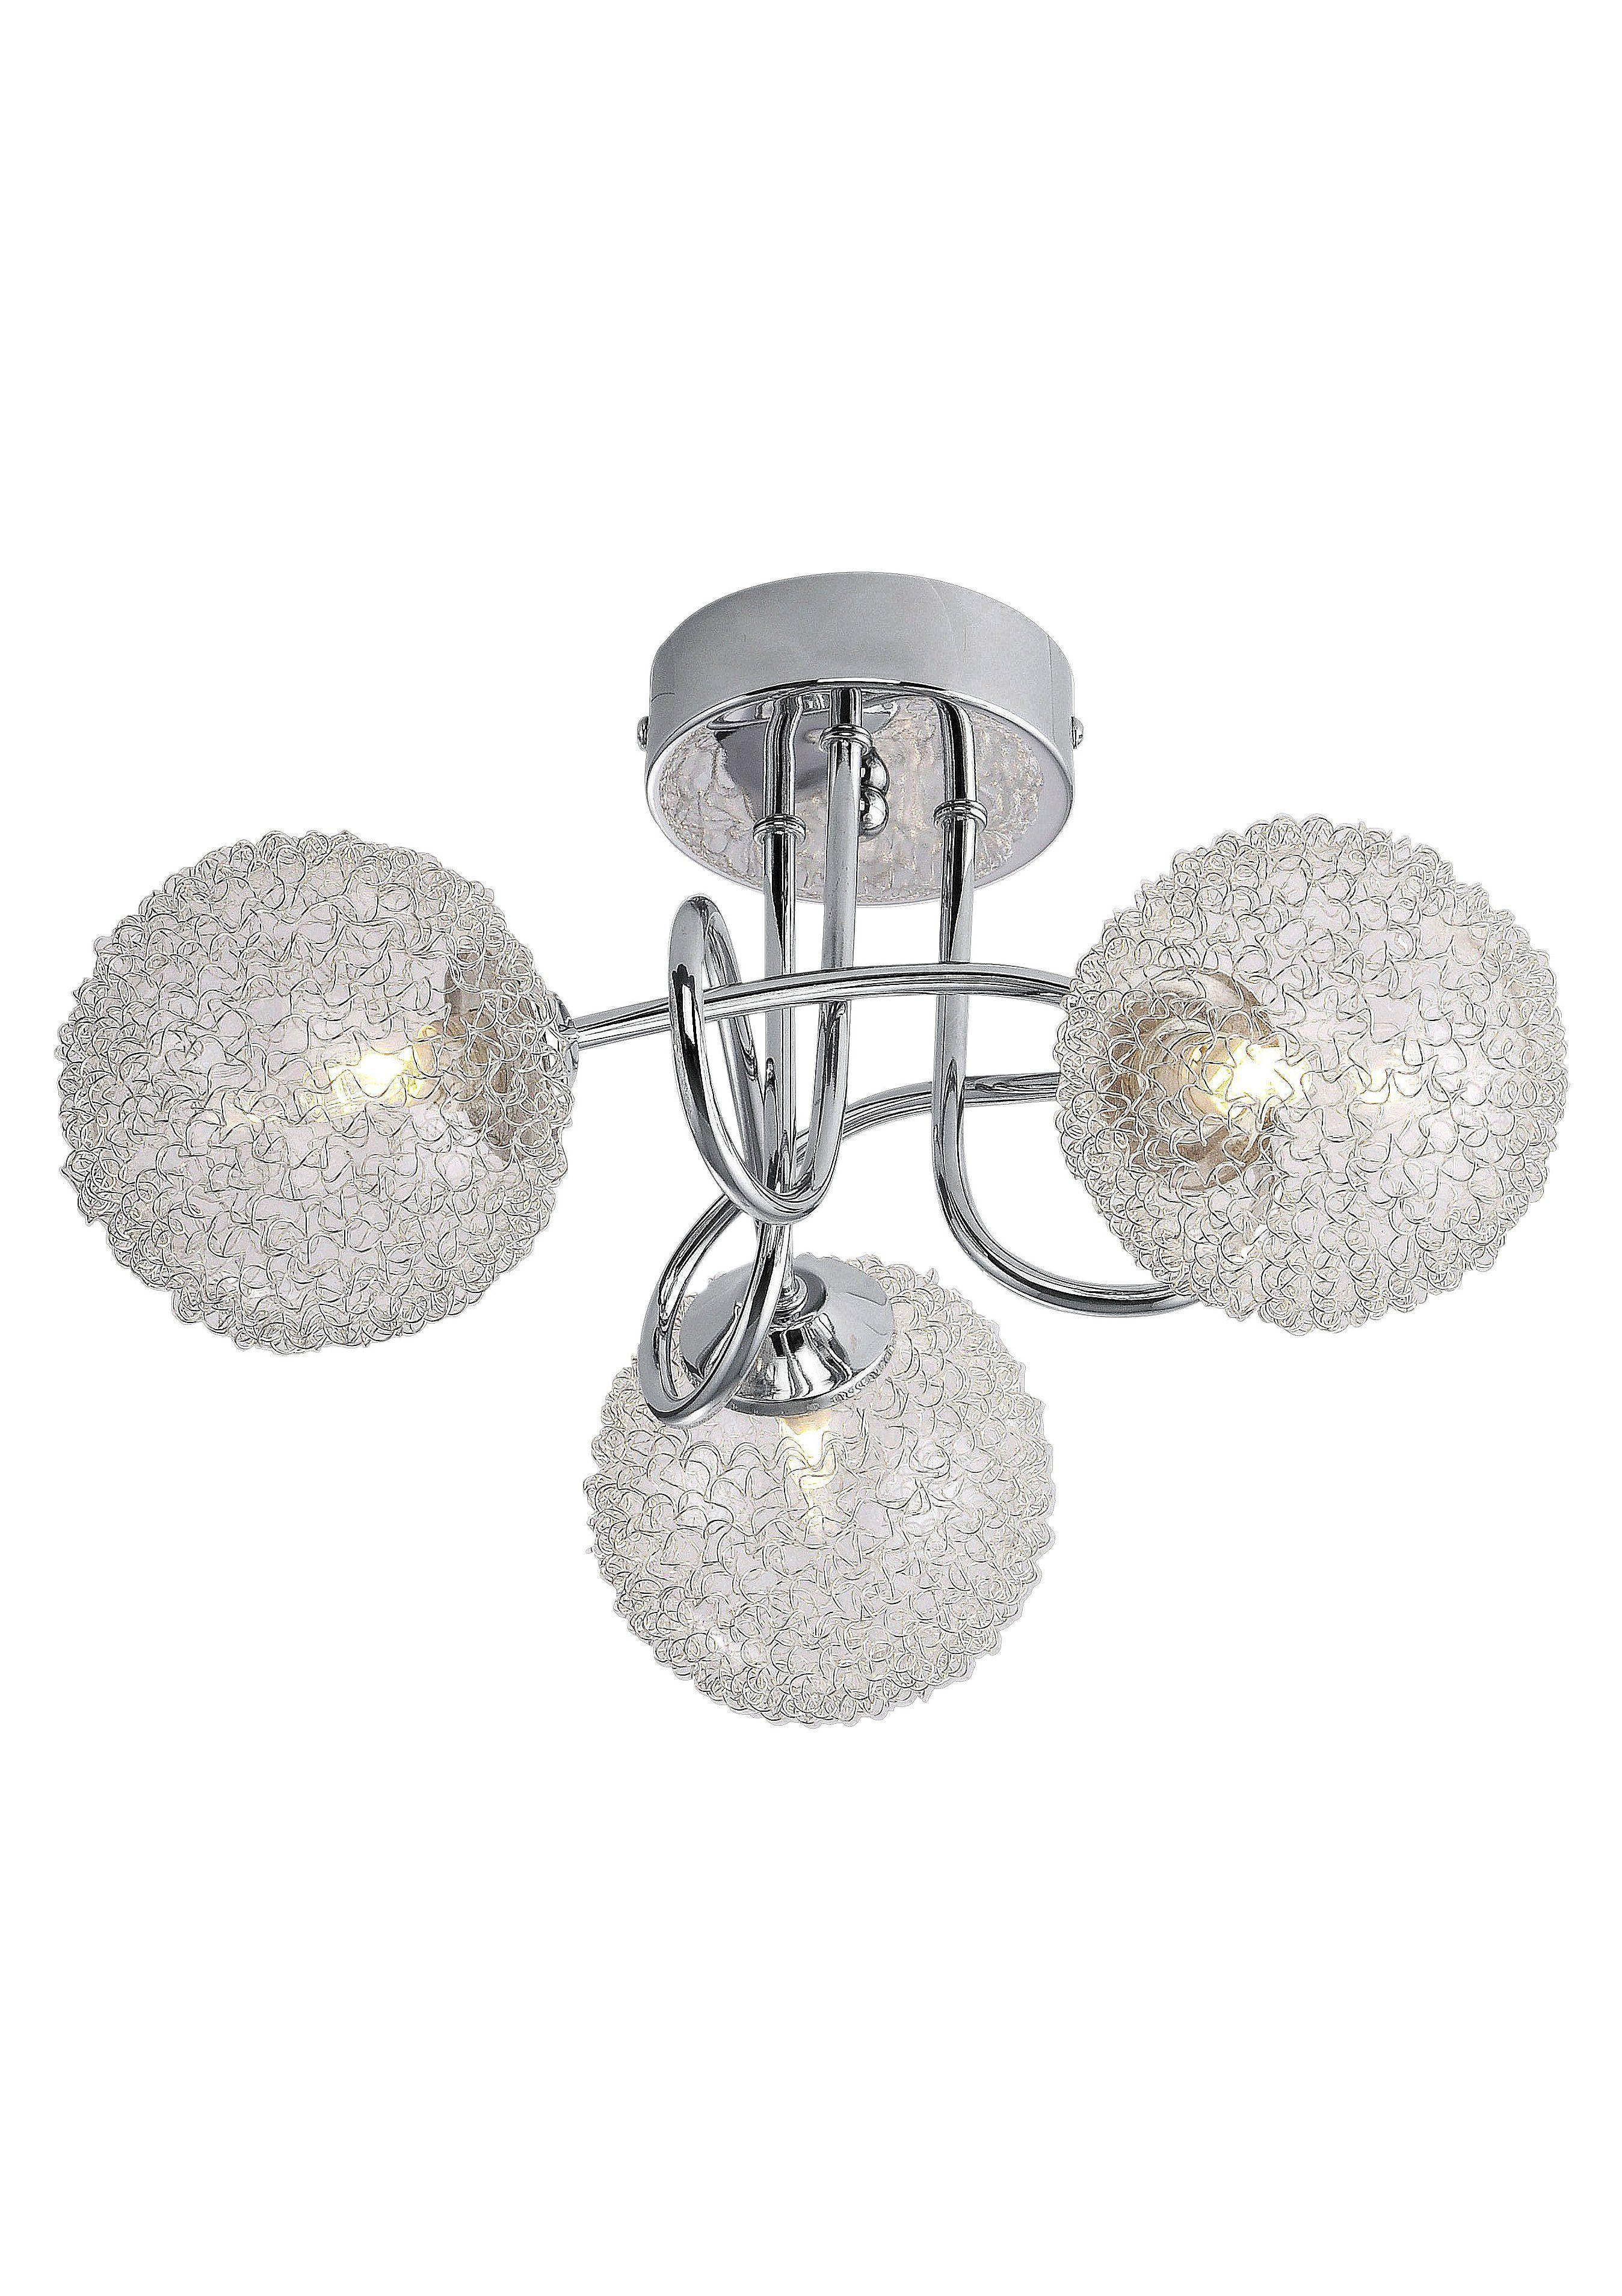 Halogen-Deckenlampe, 3-flg., Leuchten direkt